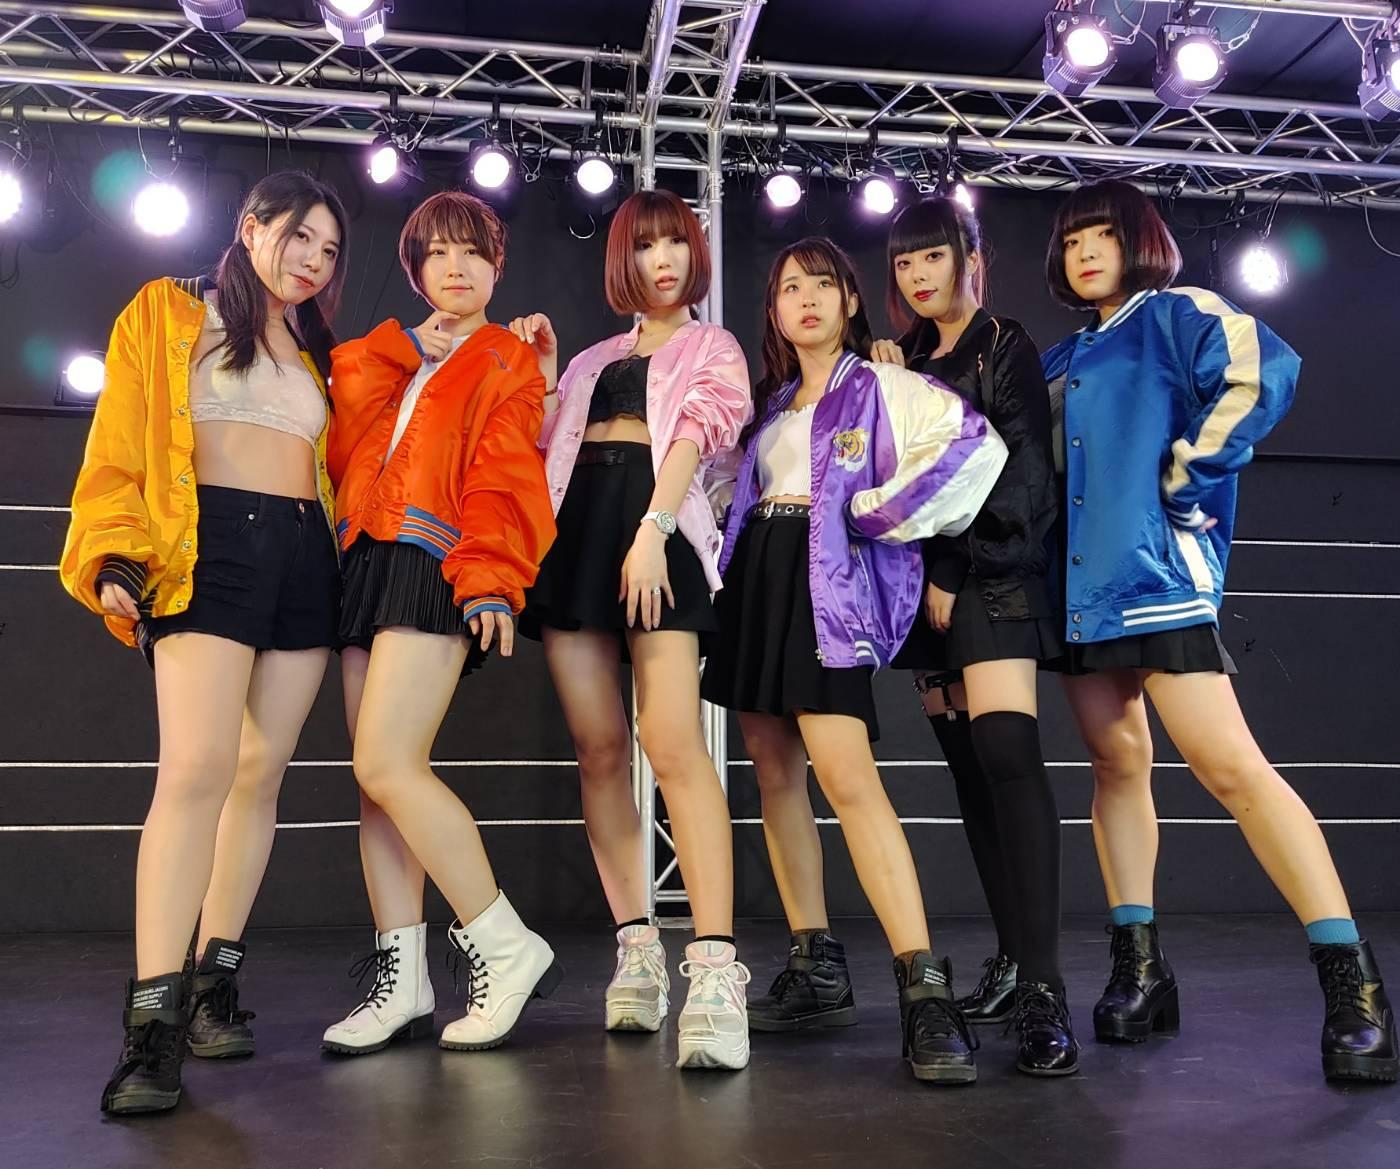 オーディション みらくる☆ふぉーぜ 第3期新メンバーオーディション 主催:FOR-Z、カテゴリ:アイドル(元気系)